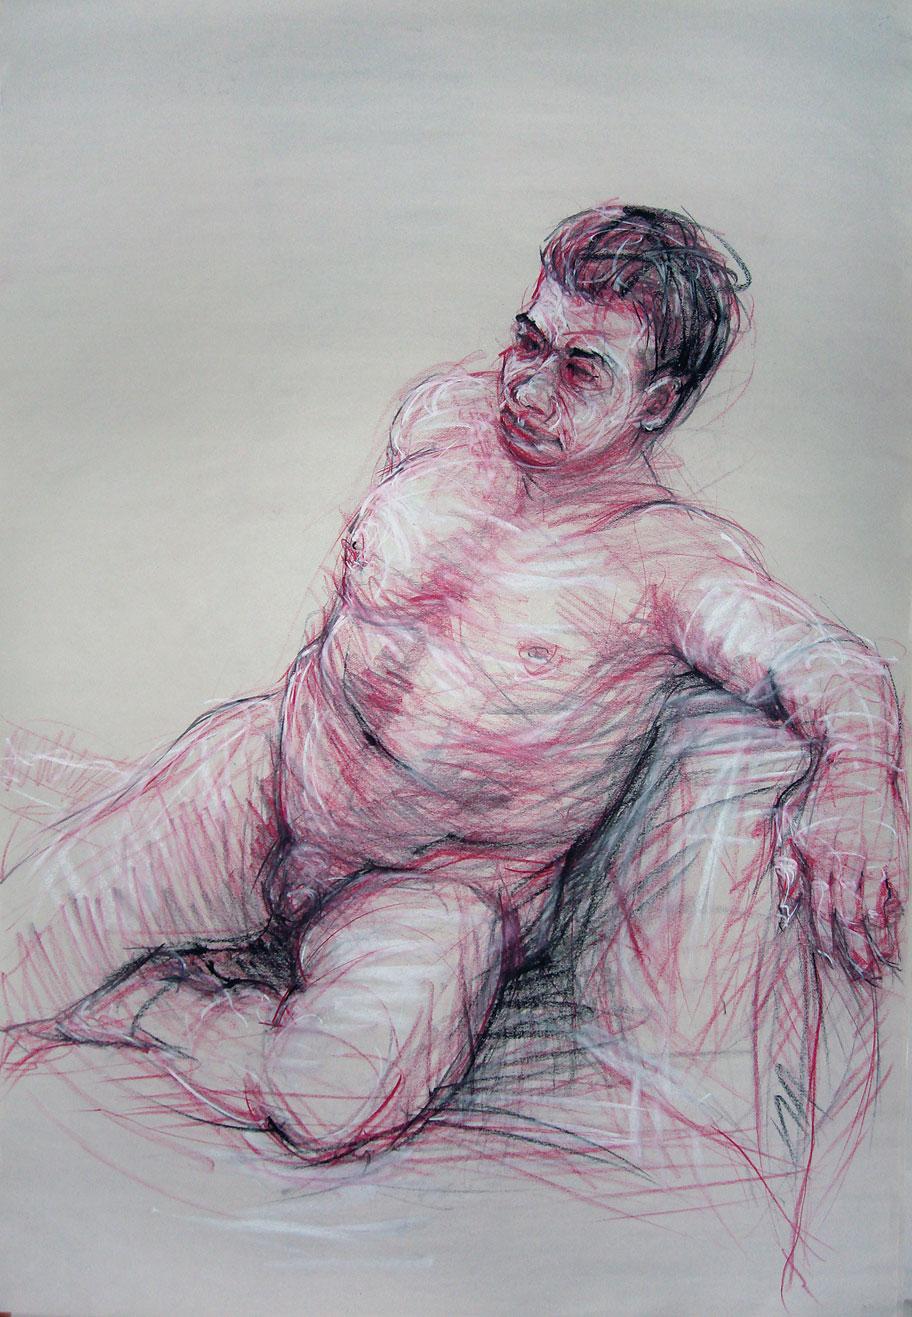 drawing23_large.jpg